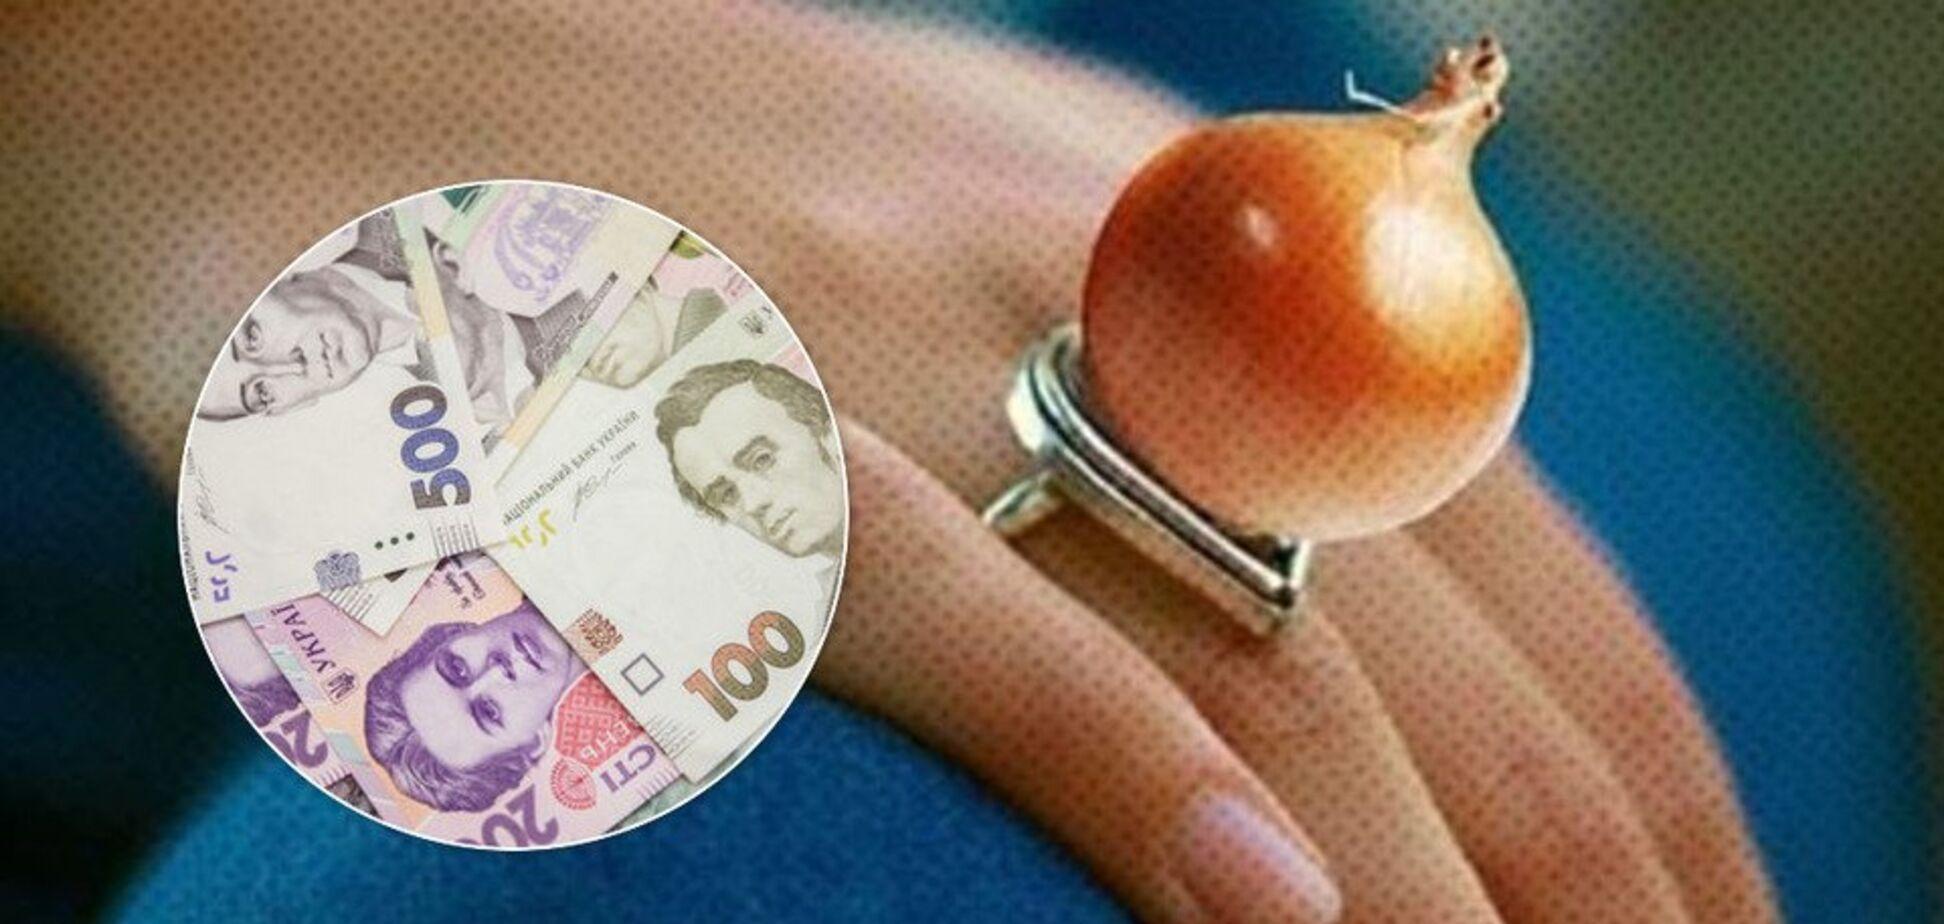 Луковый ажиотаж в Украине: почему цены побили все рекорды и когда ждать падения